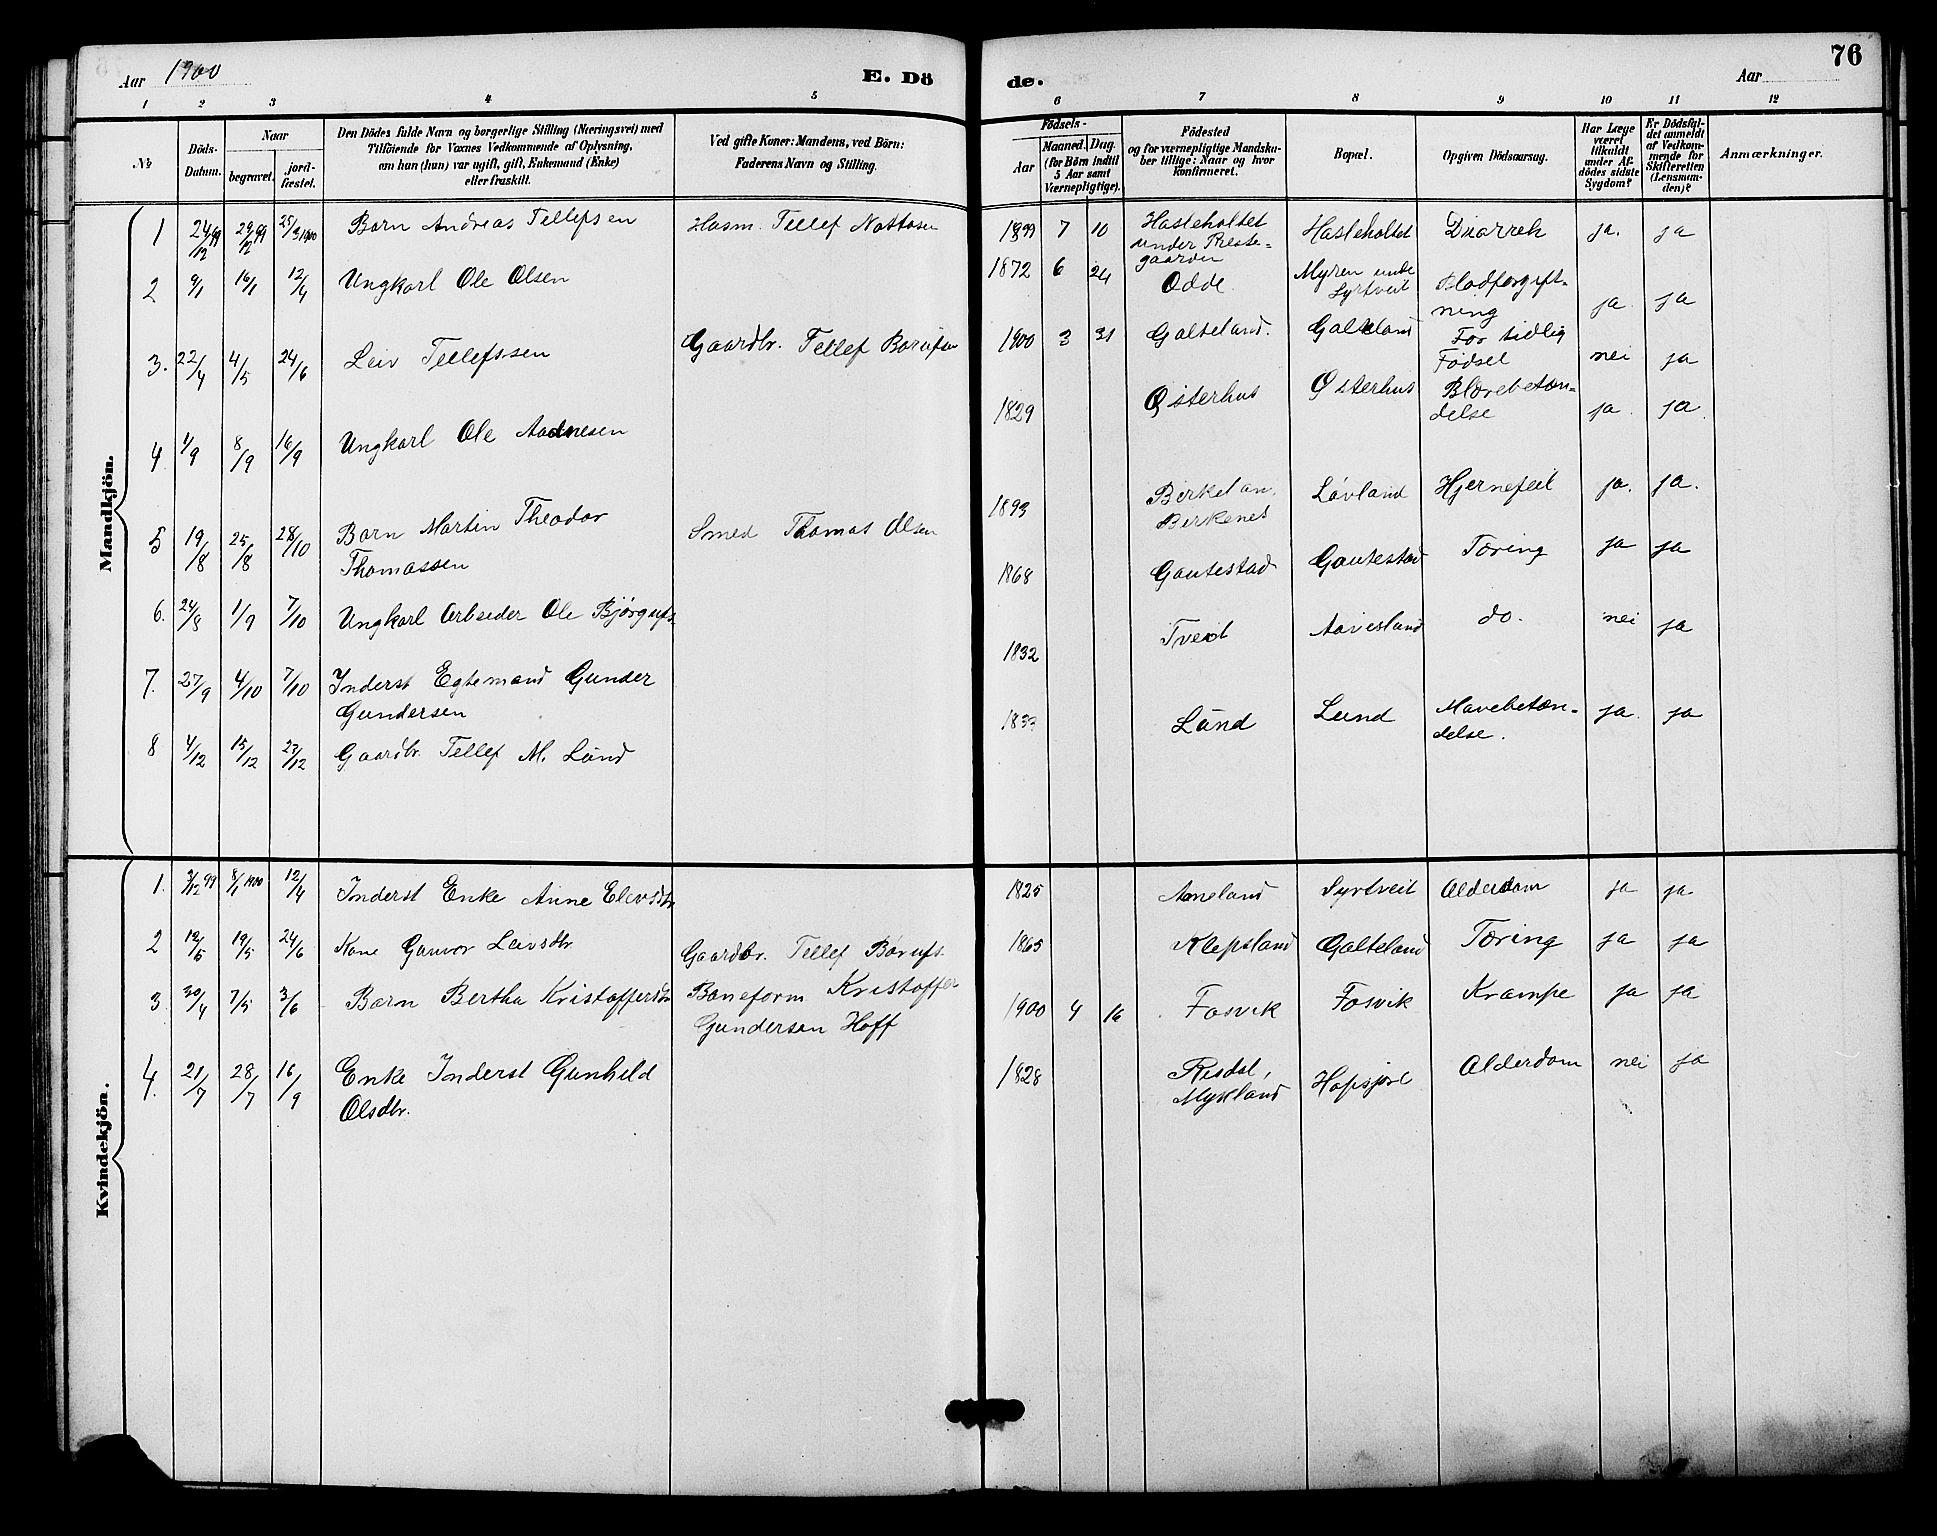 SAK, Evje sokneprestkontor, F/Fb/Fba/L0003: Klokkerbok nr. B 3, 1888-1903, s. 76